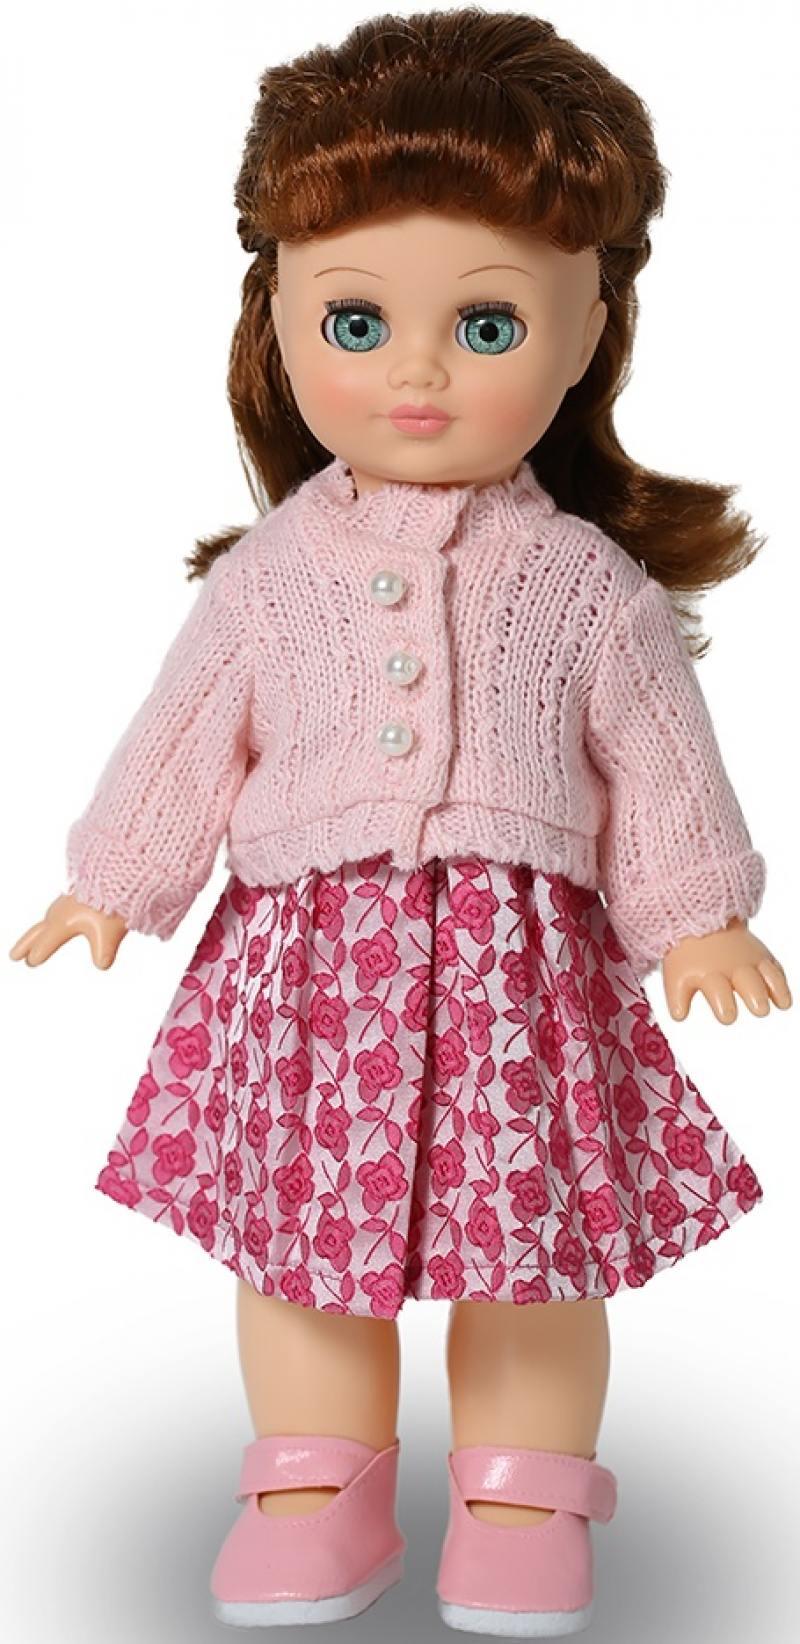 Кукла ВЕСНА Элла 1 (озвученная) кукла весна наталья 7 озвученная в645 о